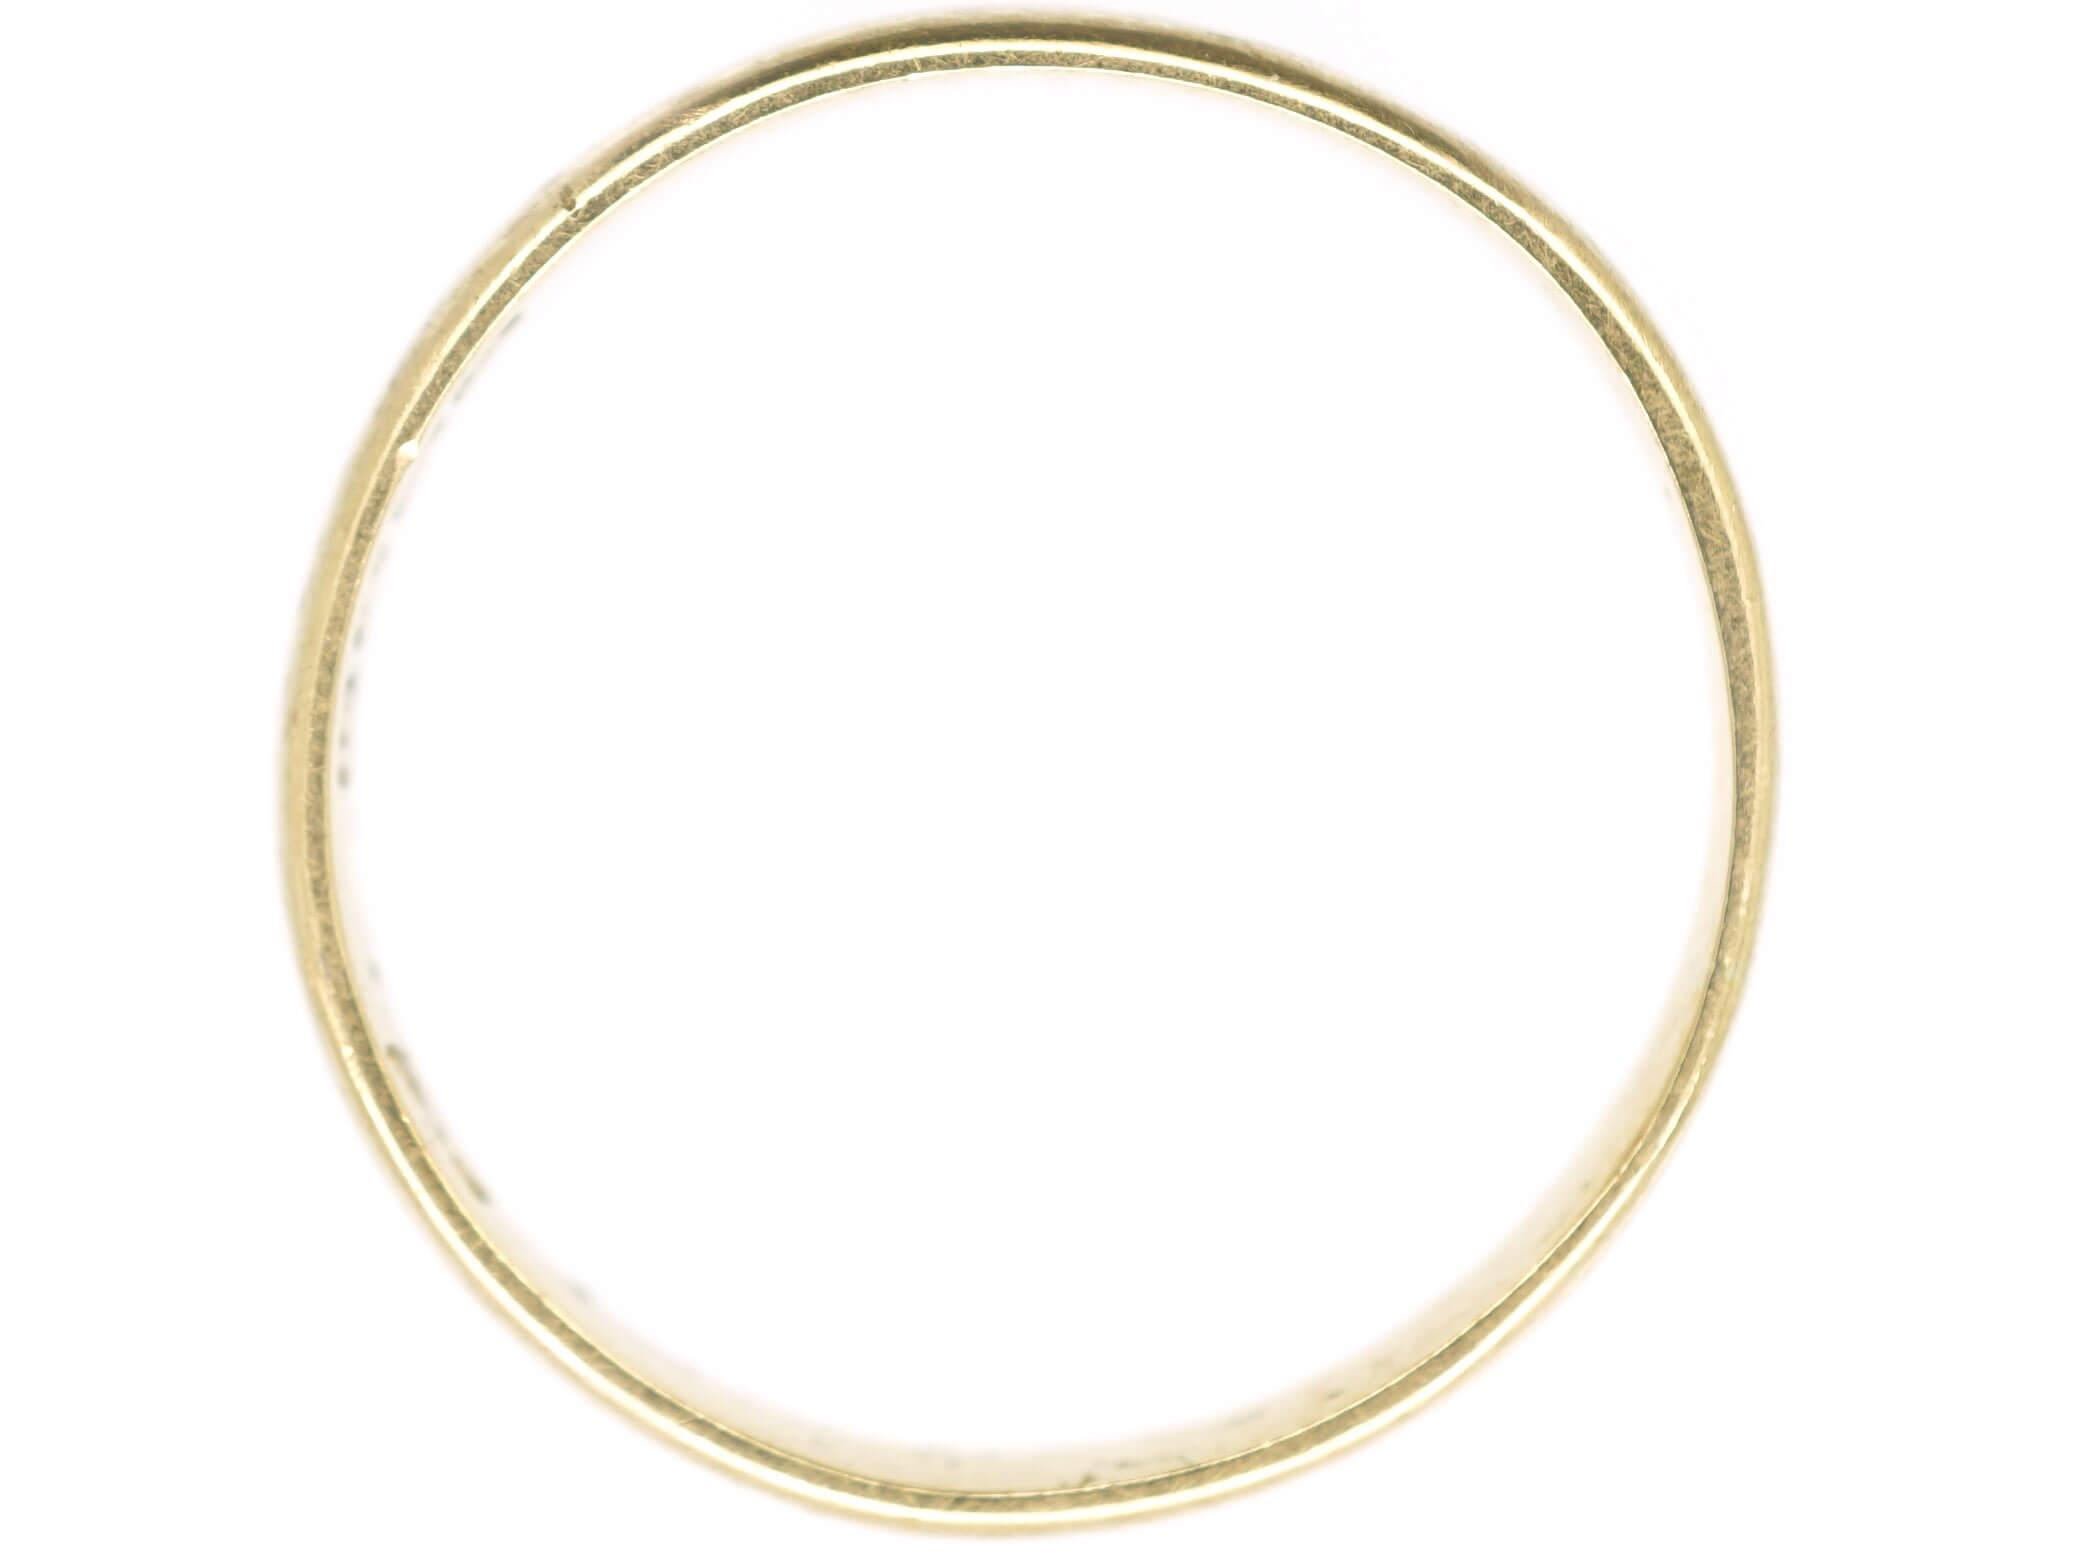 Edwardian 18ct Gold Wedding Band